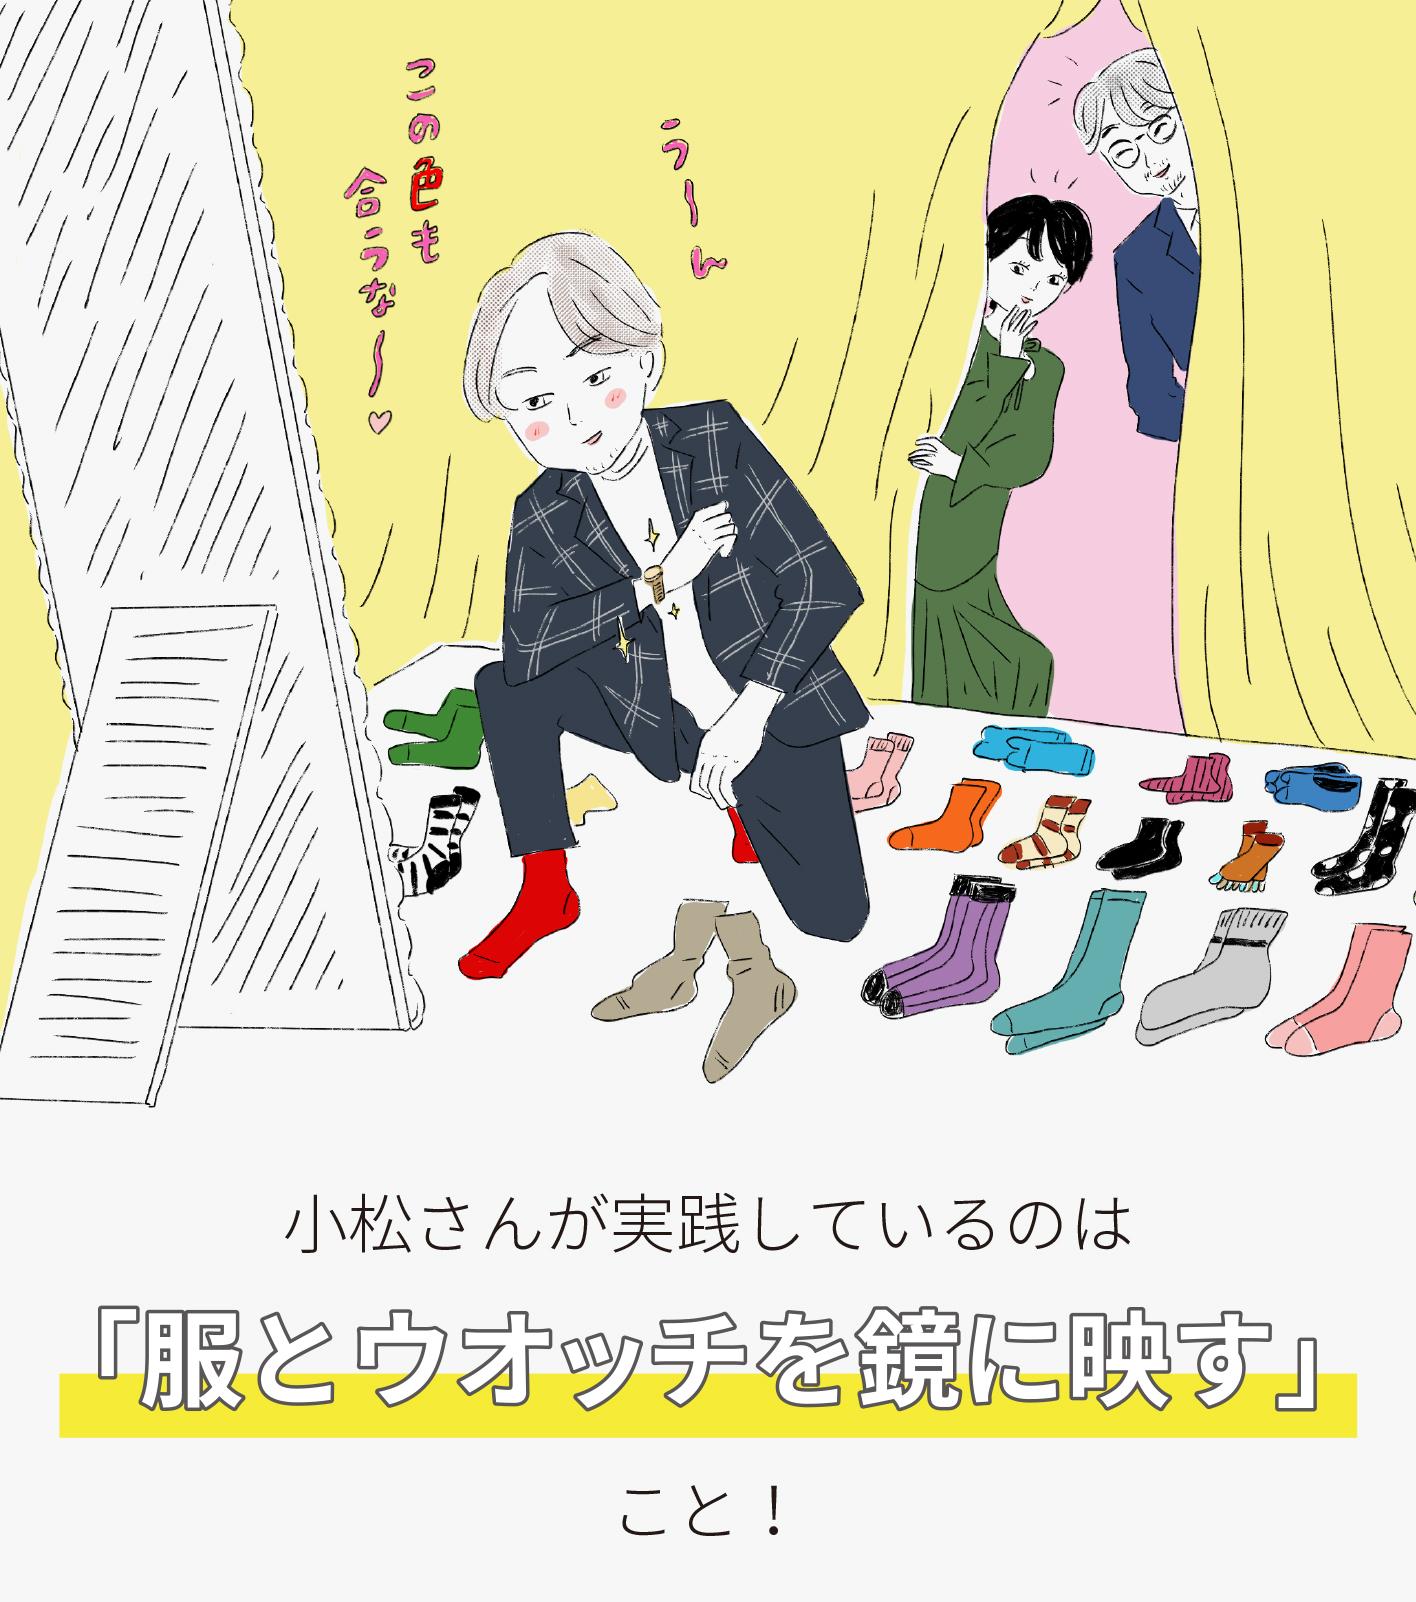 小松さんが実践しているのは「服とウオッチを鏡に映す」こと!鏡の前で試着をする小松のイラスト。う〜んこの色も似合うな〜